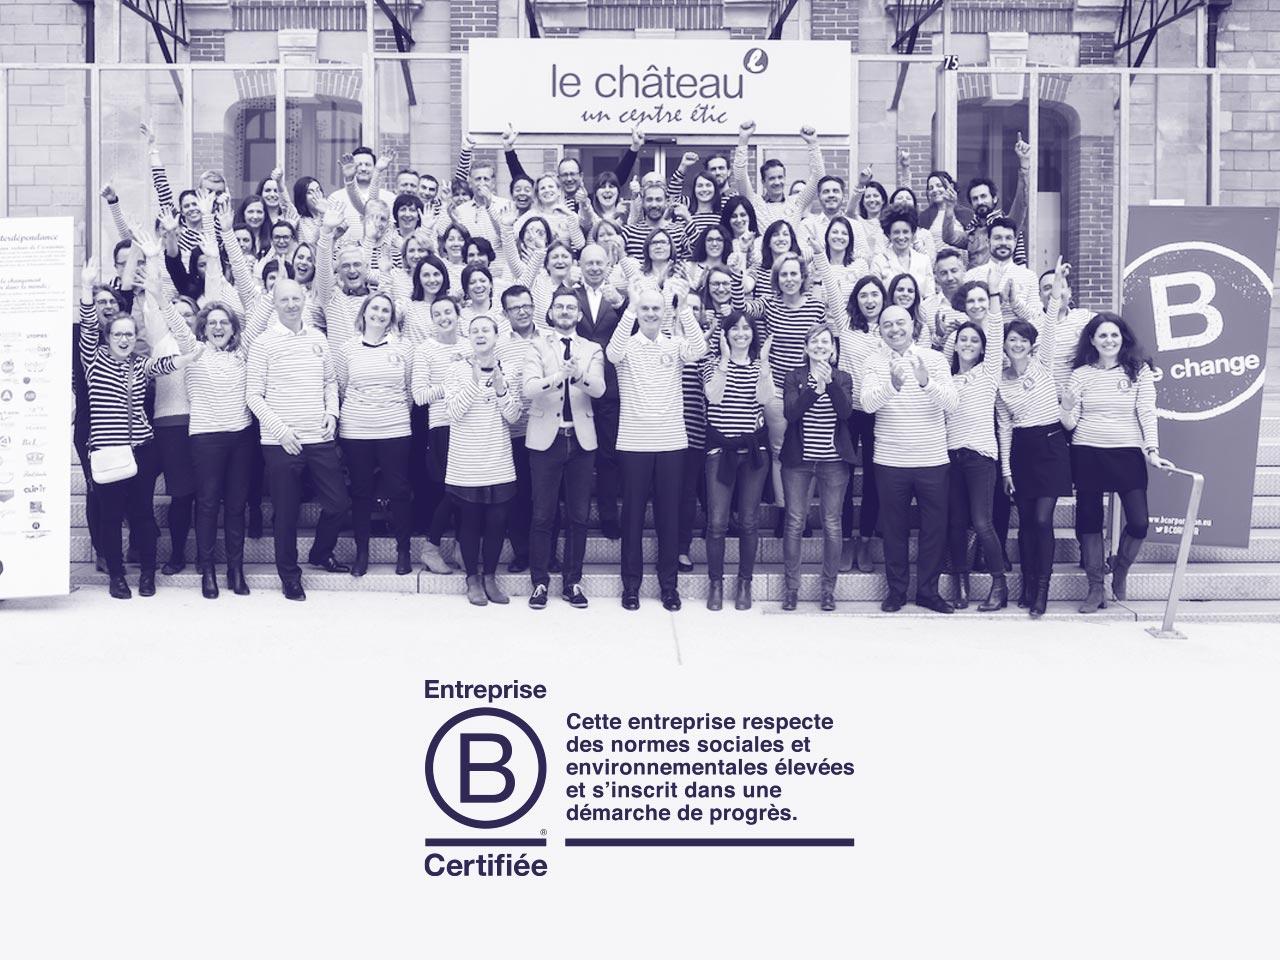 B Corp - La communauté française grandit vite : elle compte plus de 50 entreprises début 2018, sans compter les dizaines d'entreprises en cours de certification.+ d'infos sur B Corp →